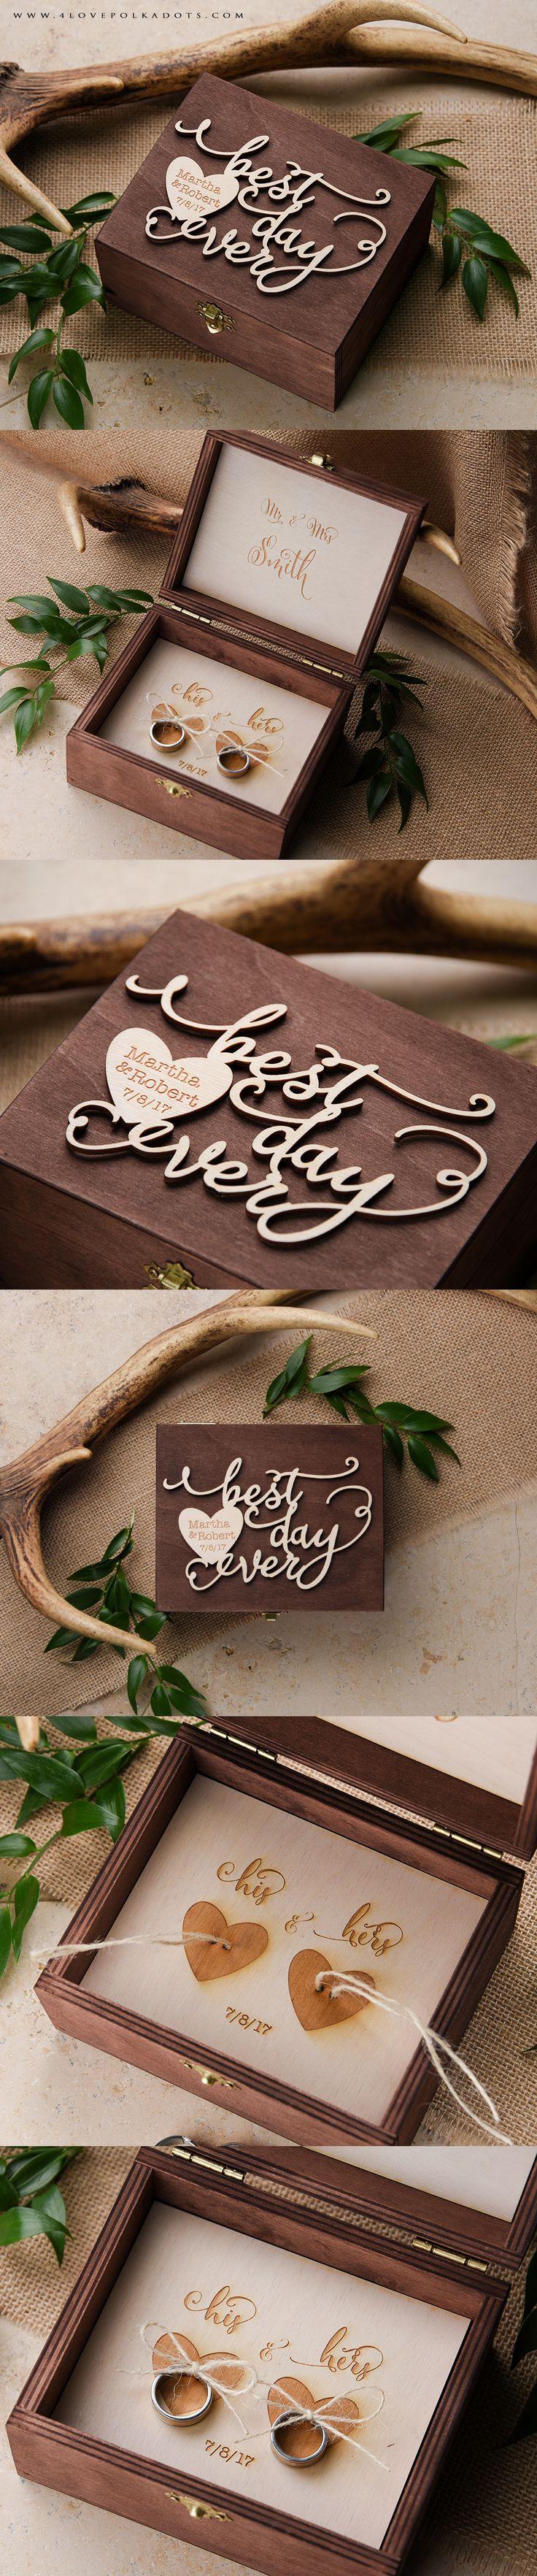 Best Day Ever ! <3 Wedding Wooden Ring Box #realwood #ringbox #boho #bohemian #weddingideas